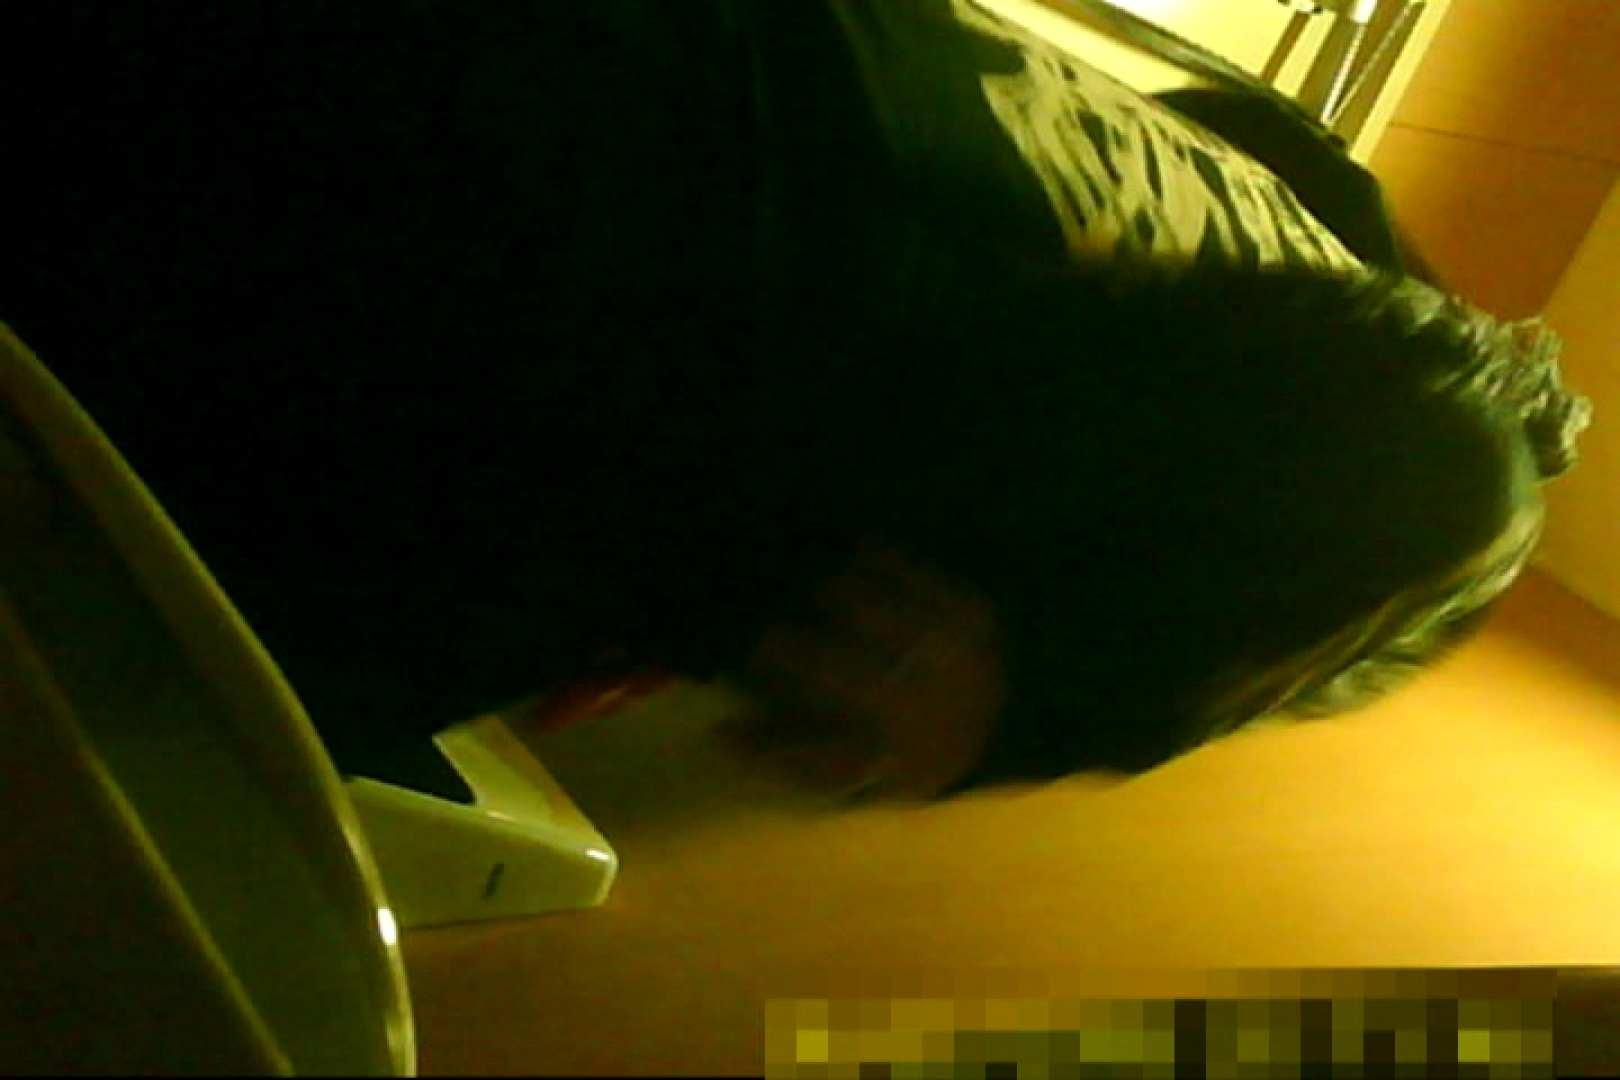 魅惑の化粧室~禁断のプライベート空間~13 洗面所 盗み撮り動画 71pic 71